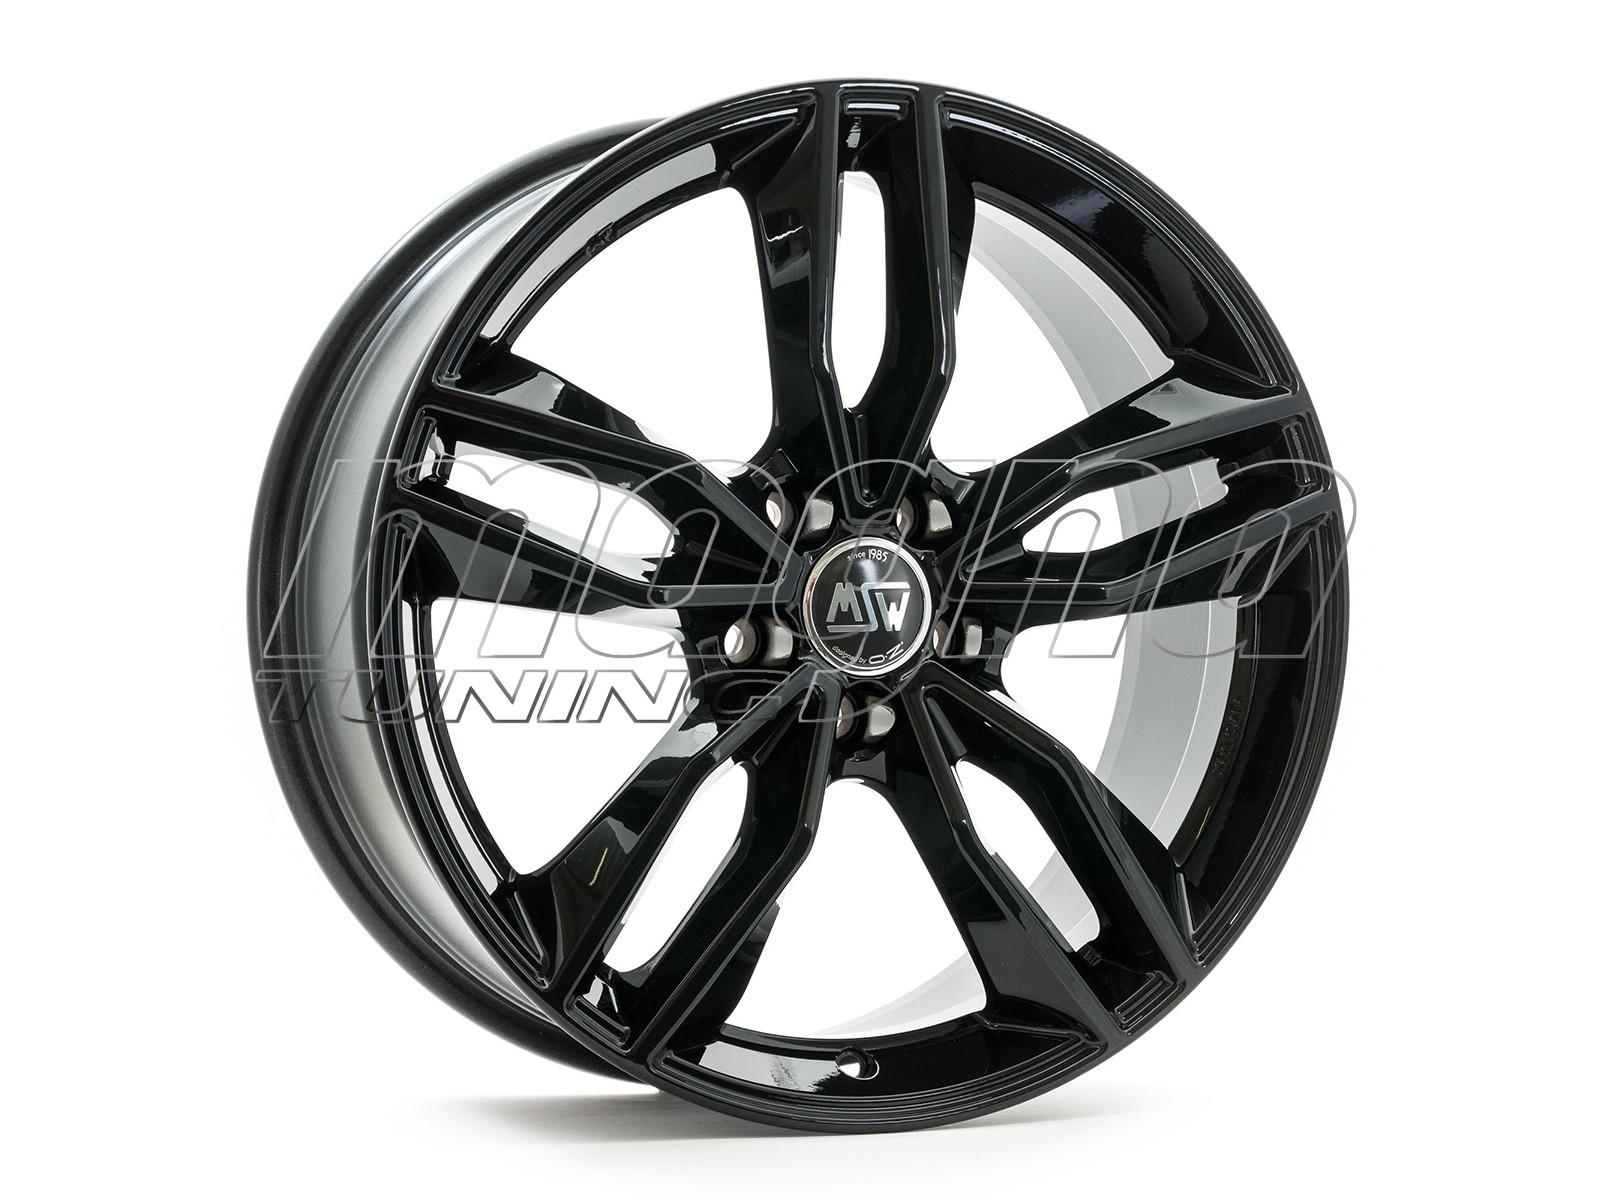 MSW Avantgarde MSW 71 Gloss Black Wheel